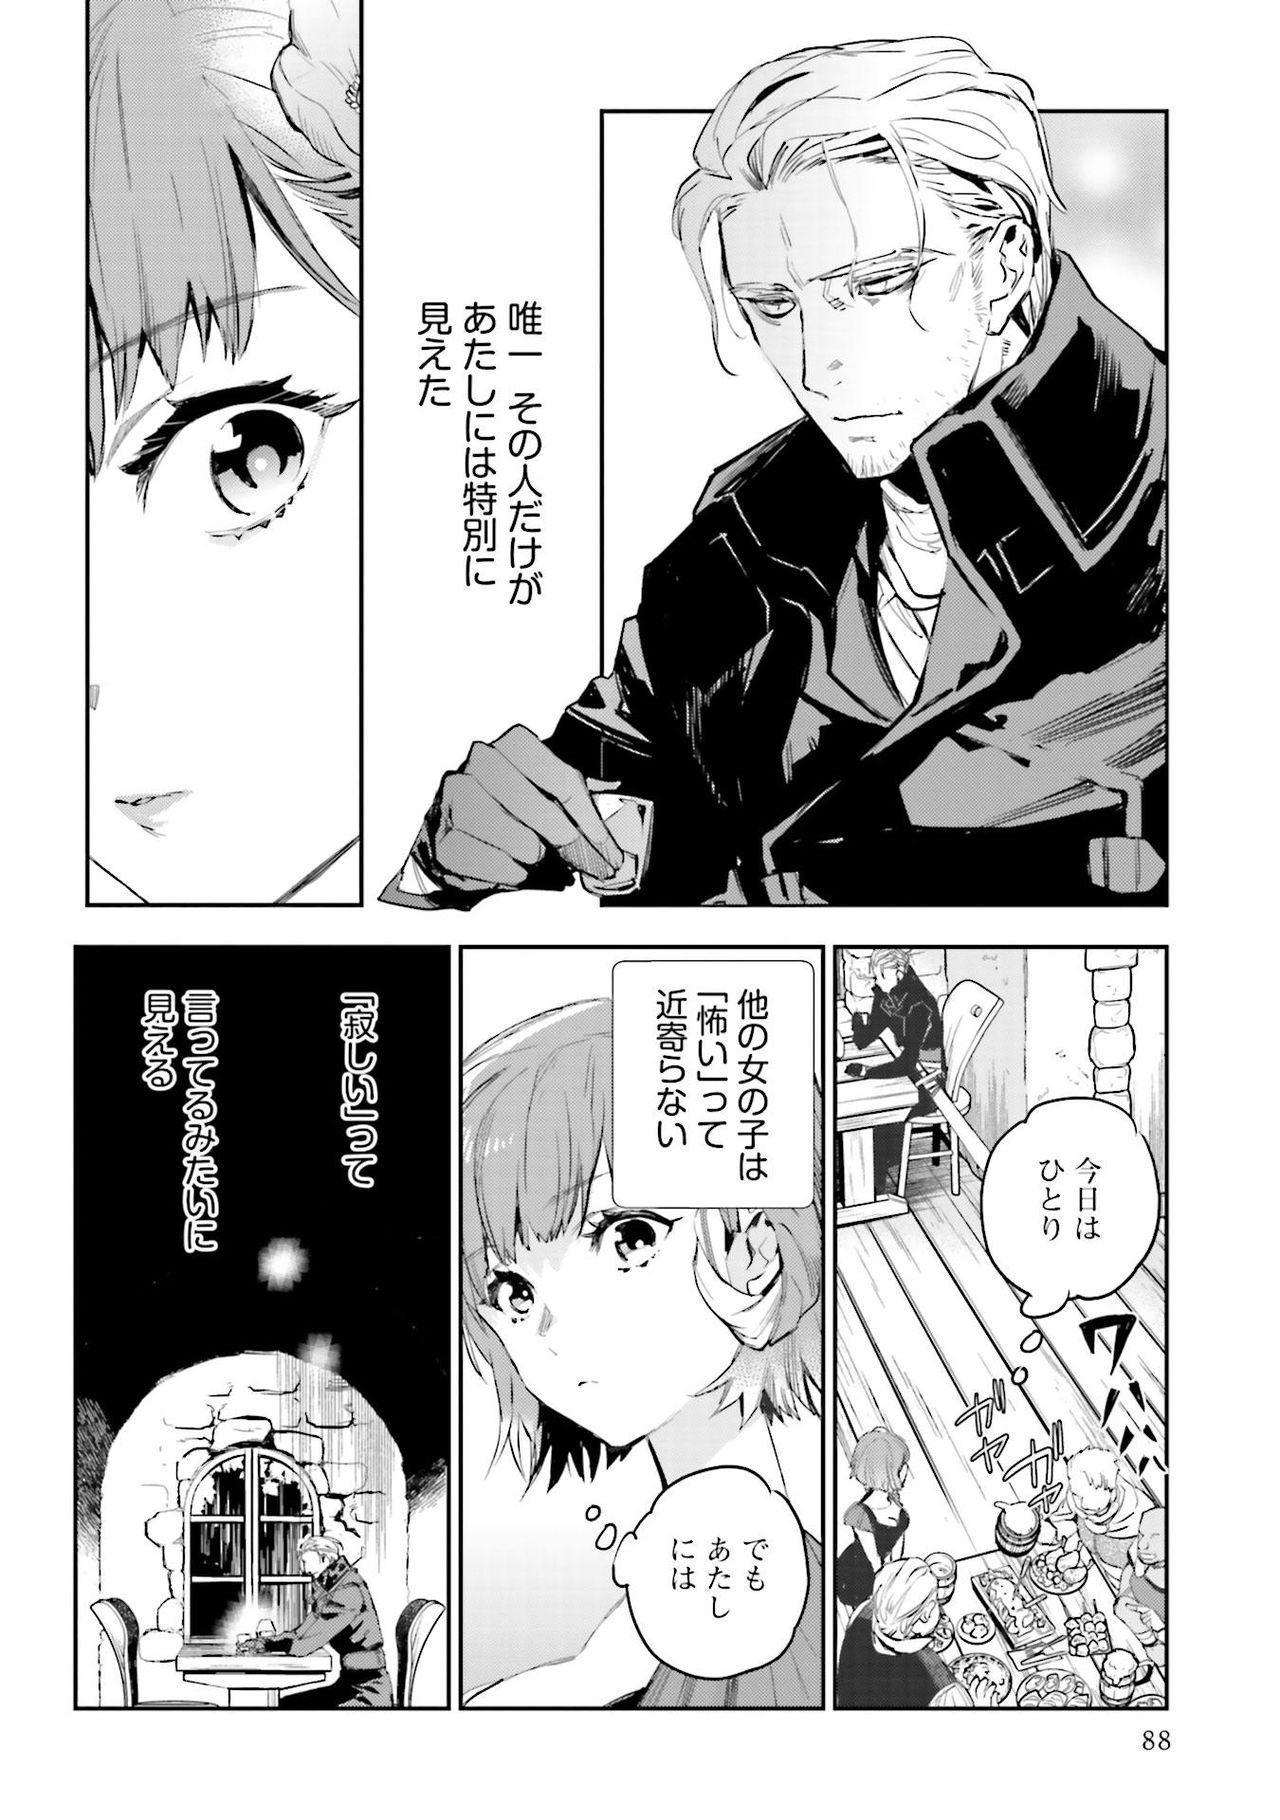 JK Haru wa Isekai de Shoufu ni Natta 1-14 447